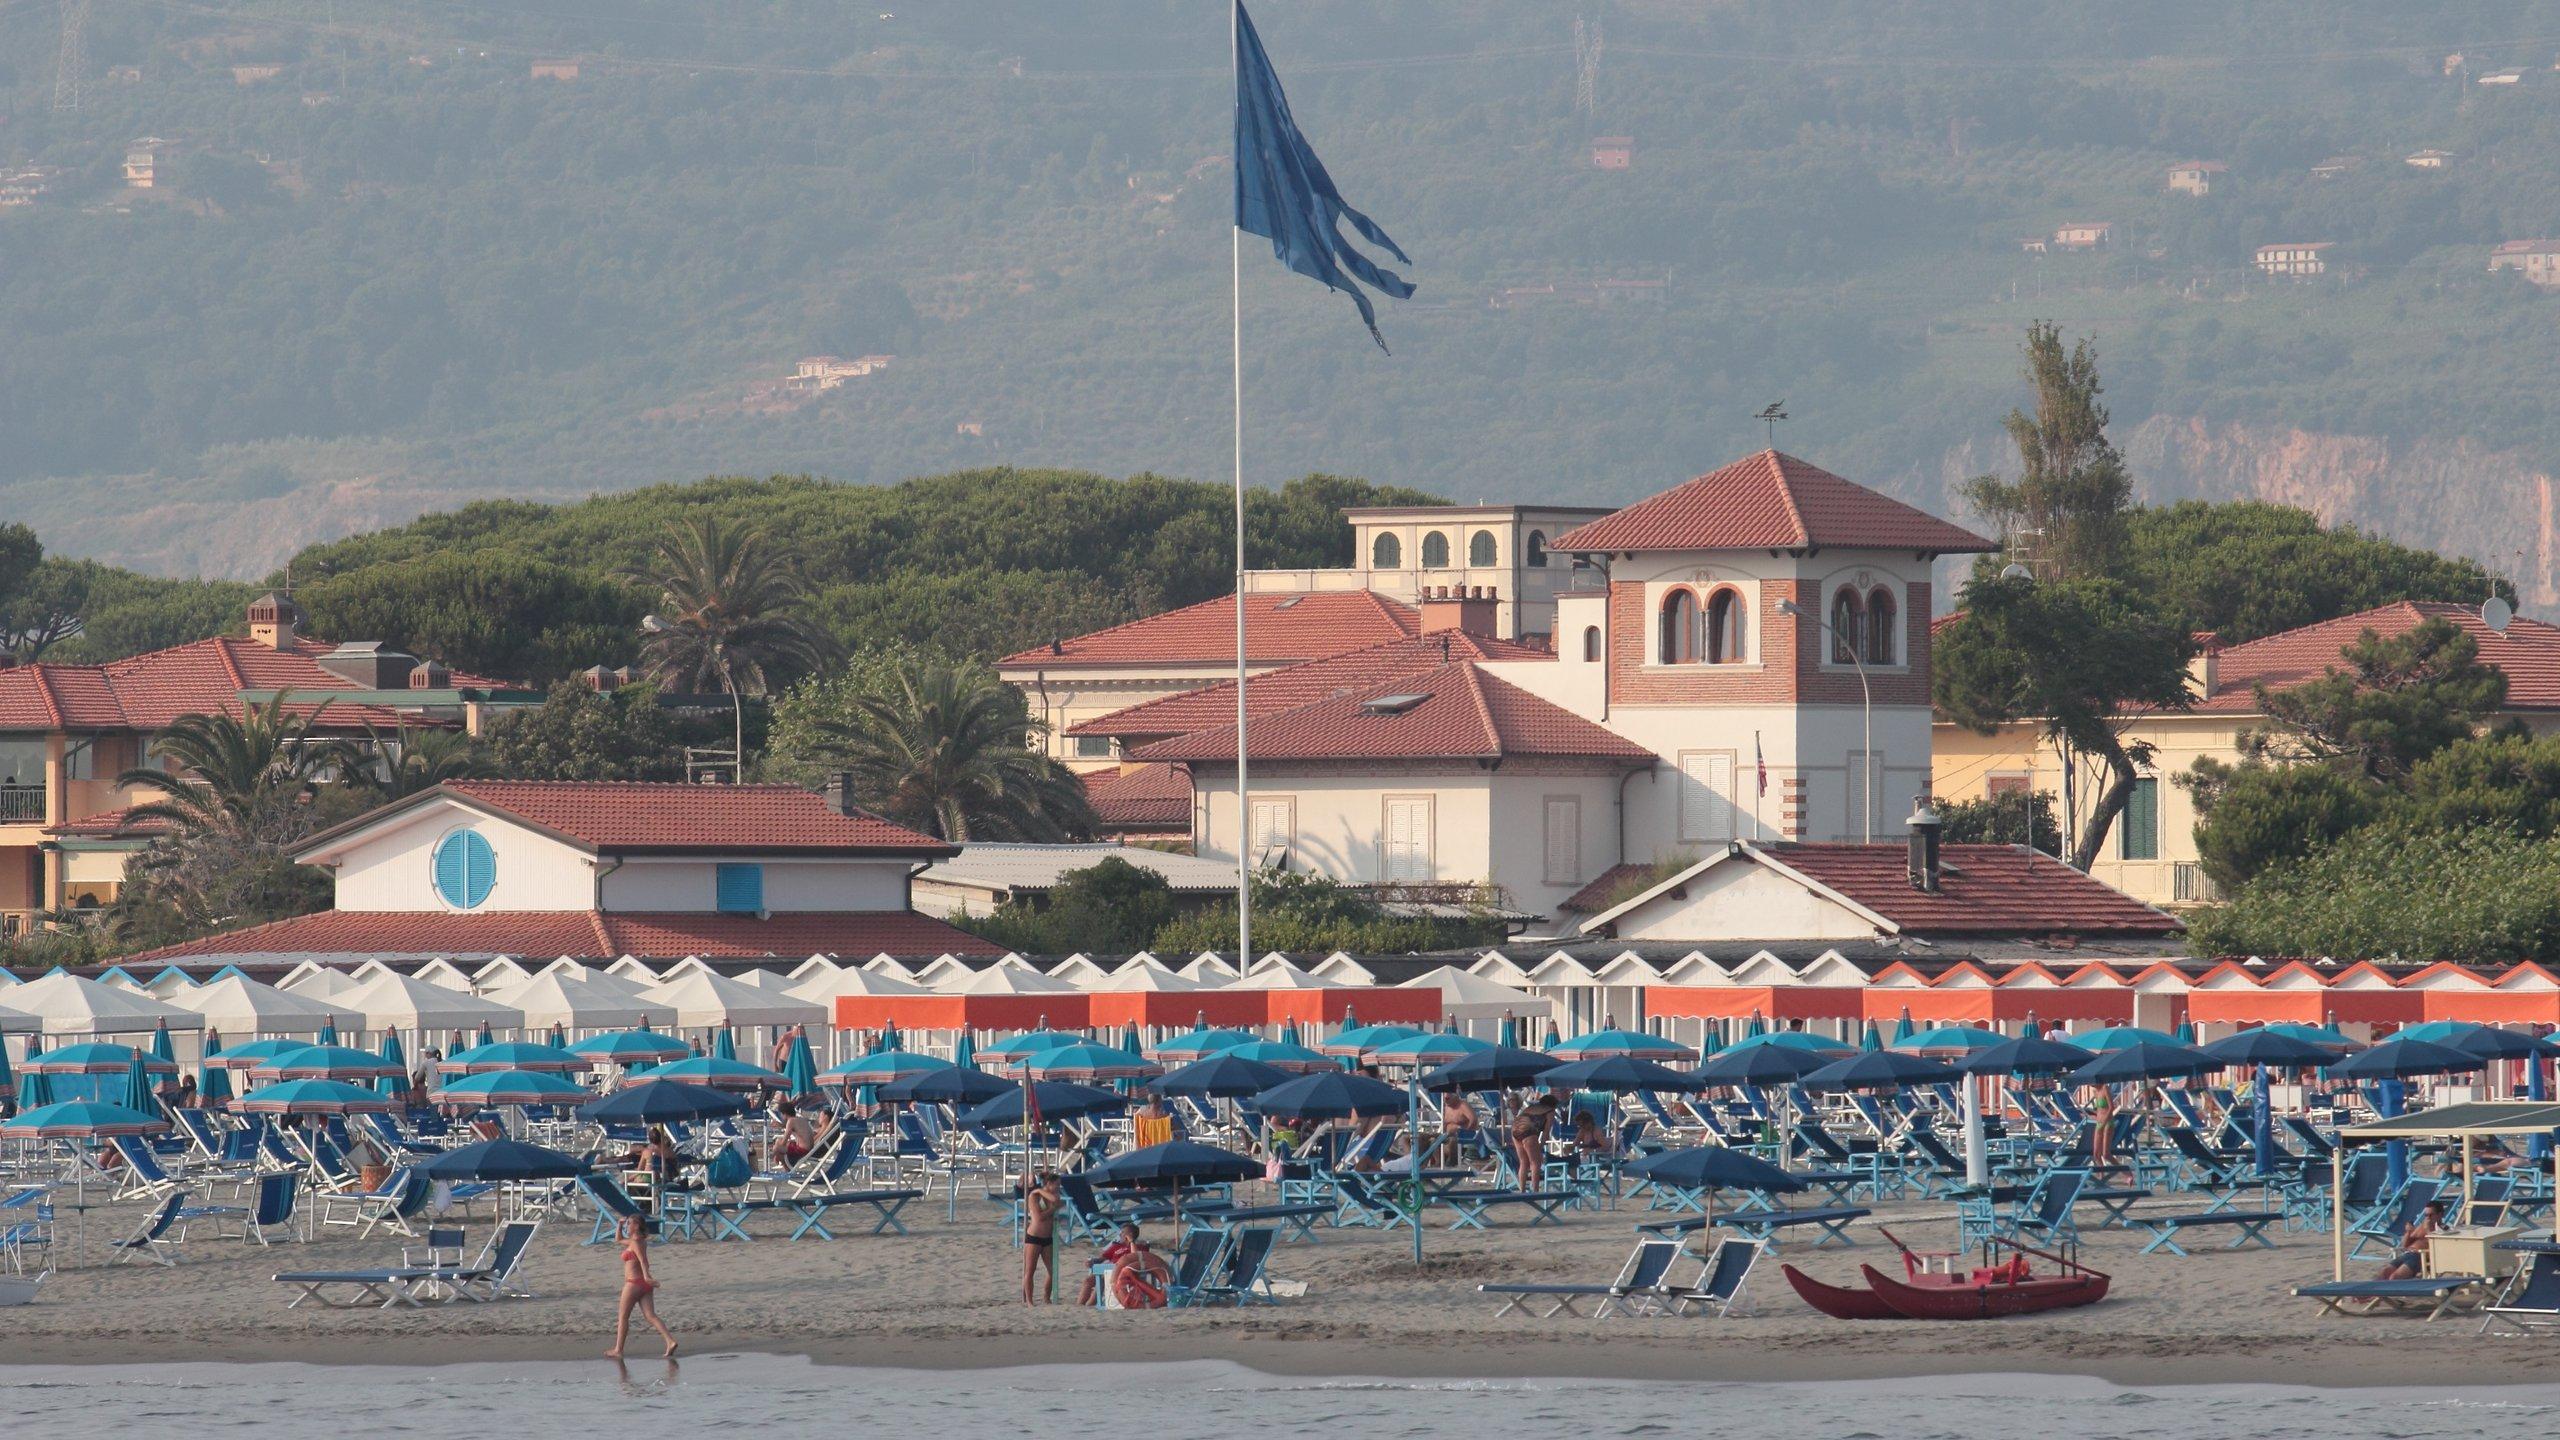 Forte dei Marmi, Tuscany, Italy